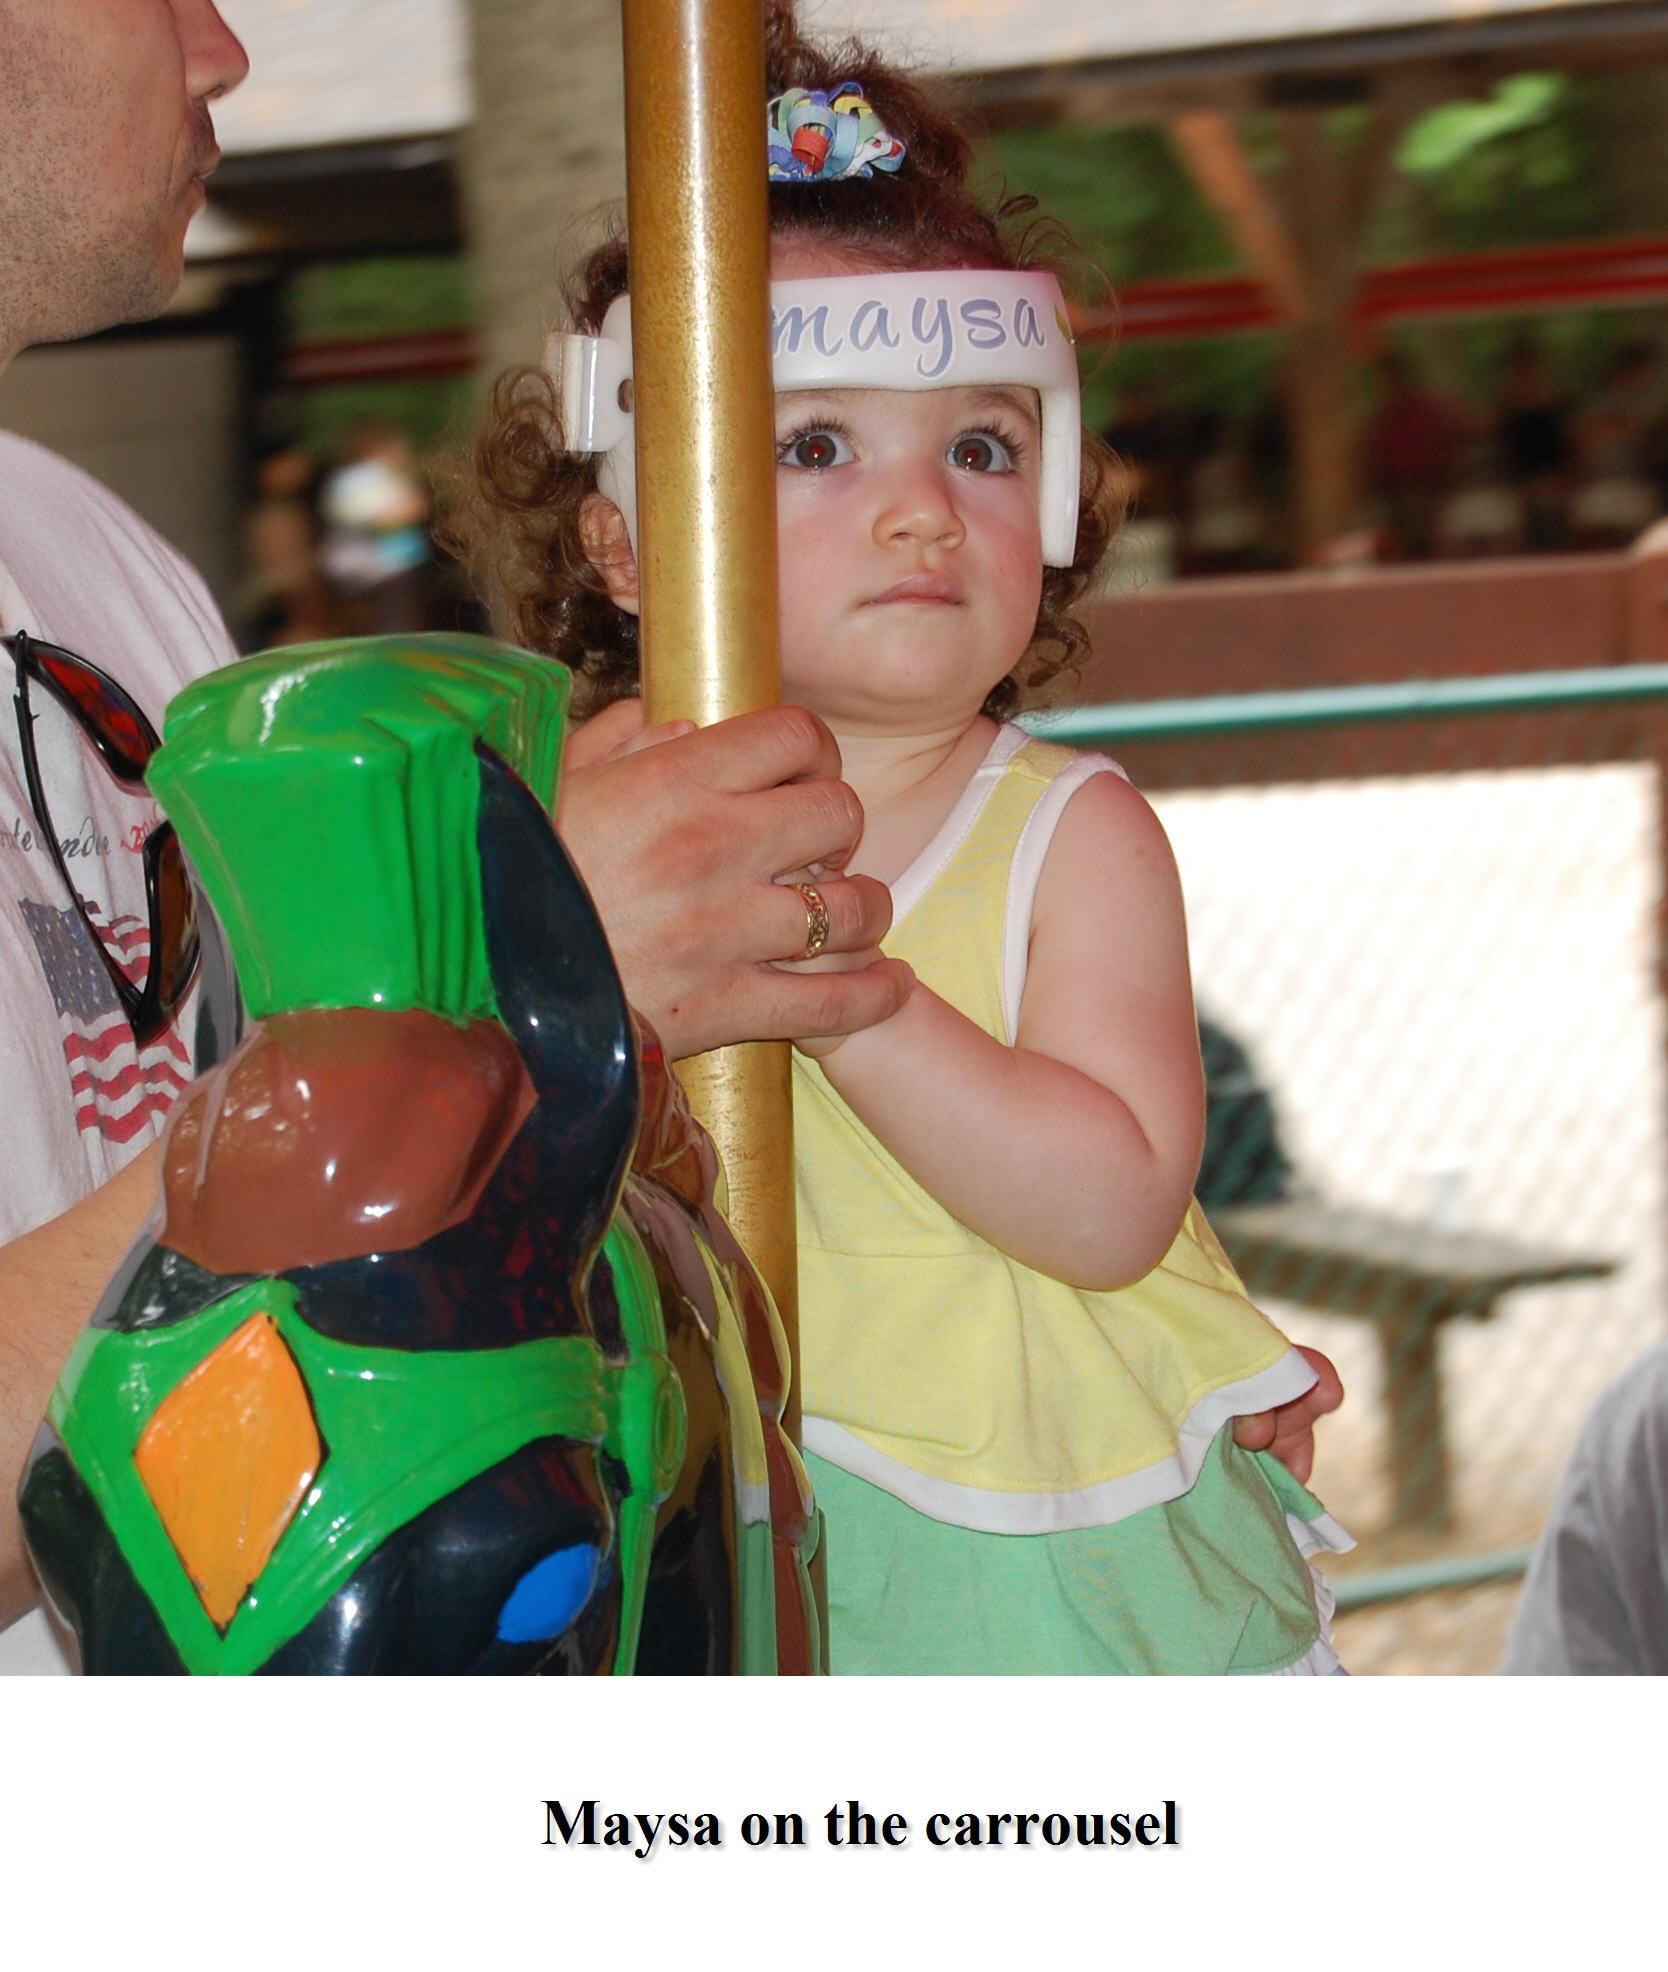 Maysa carrousel